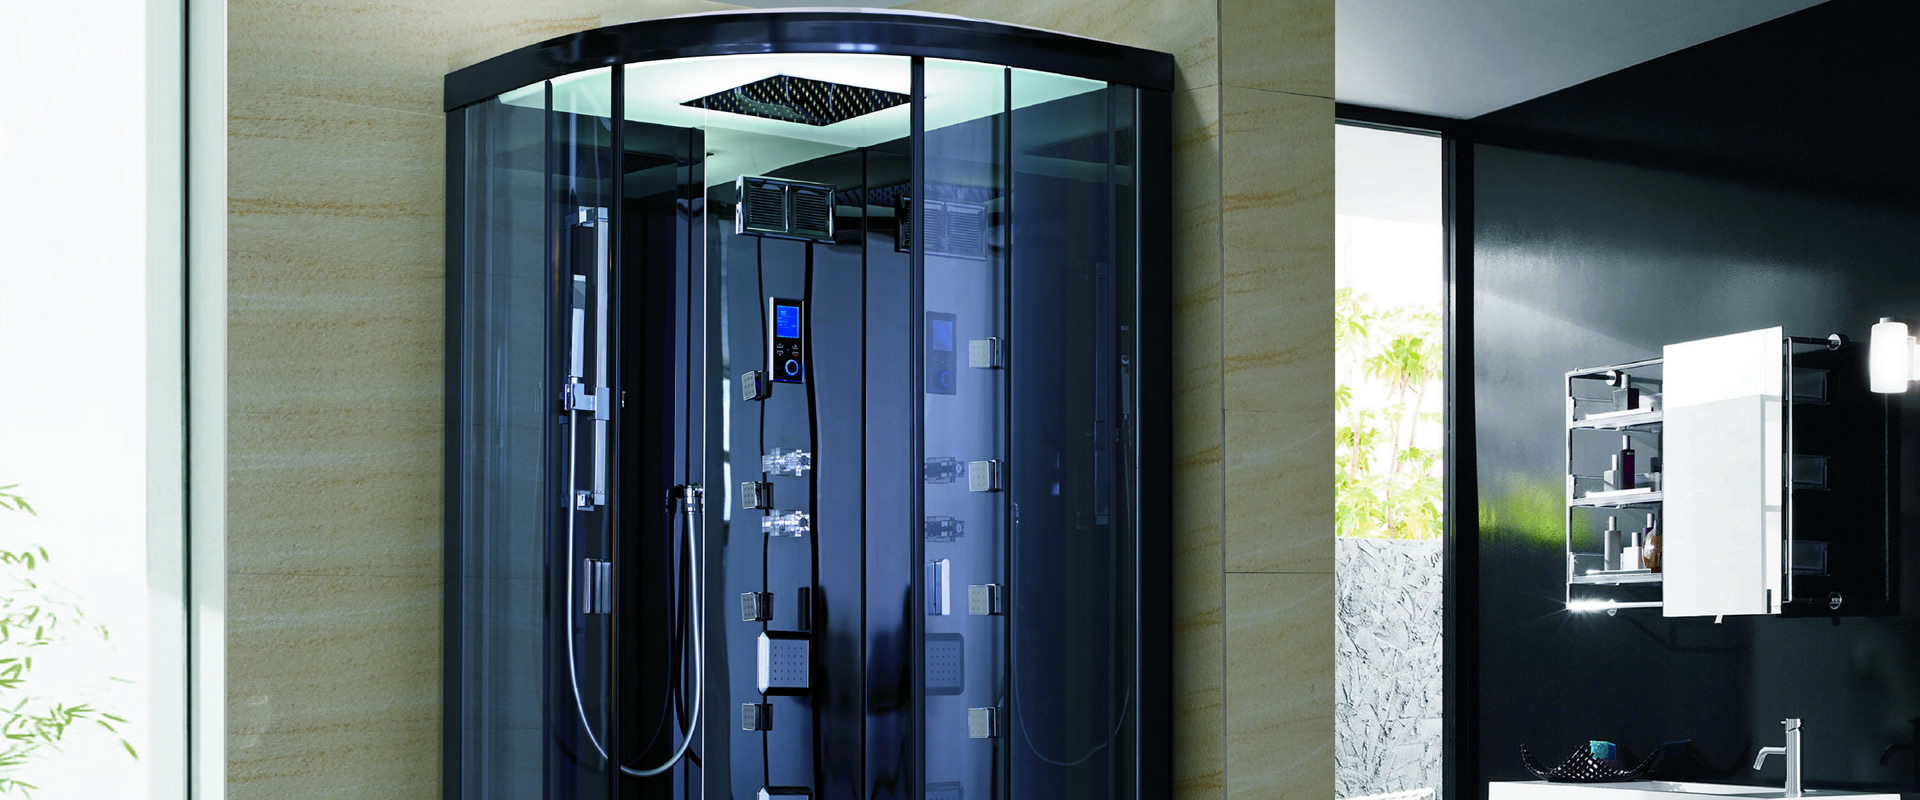 Ducha inteligente una tecnolog a innovadora ba era por ducha - Cabina de ducha ...